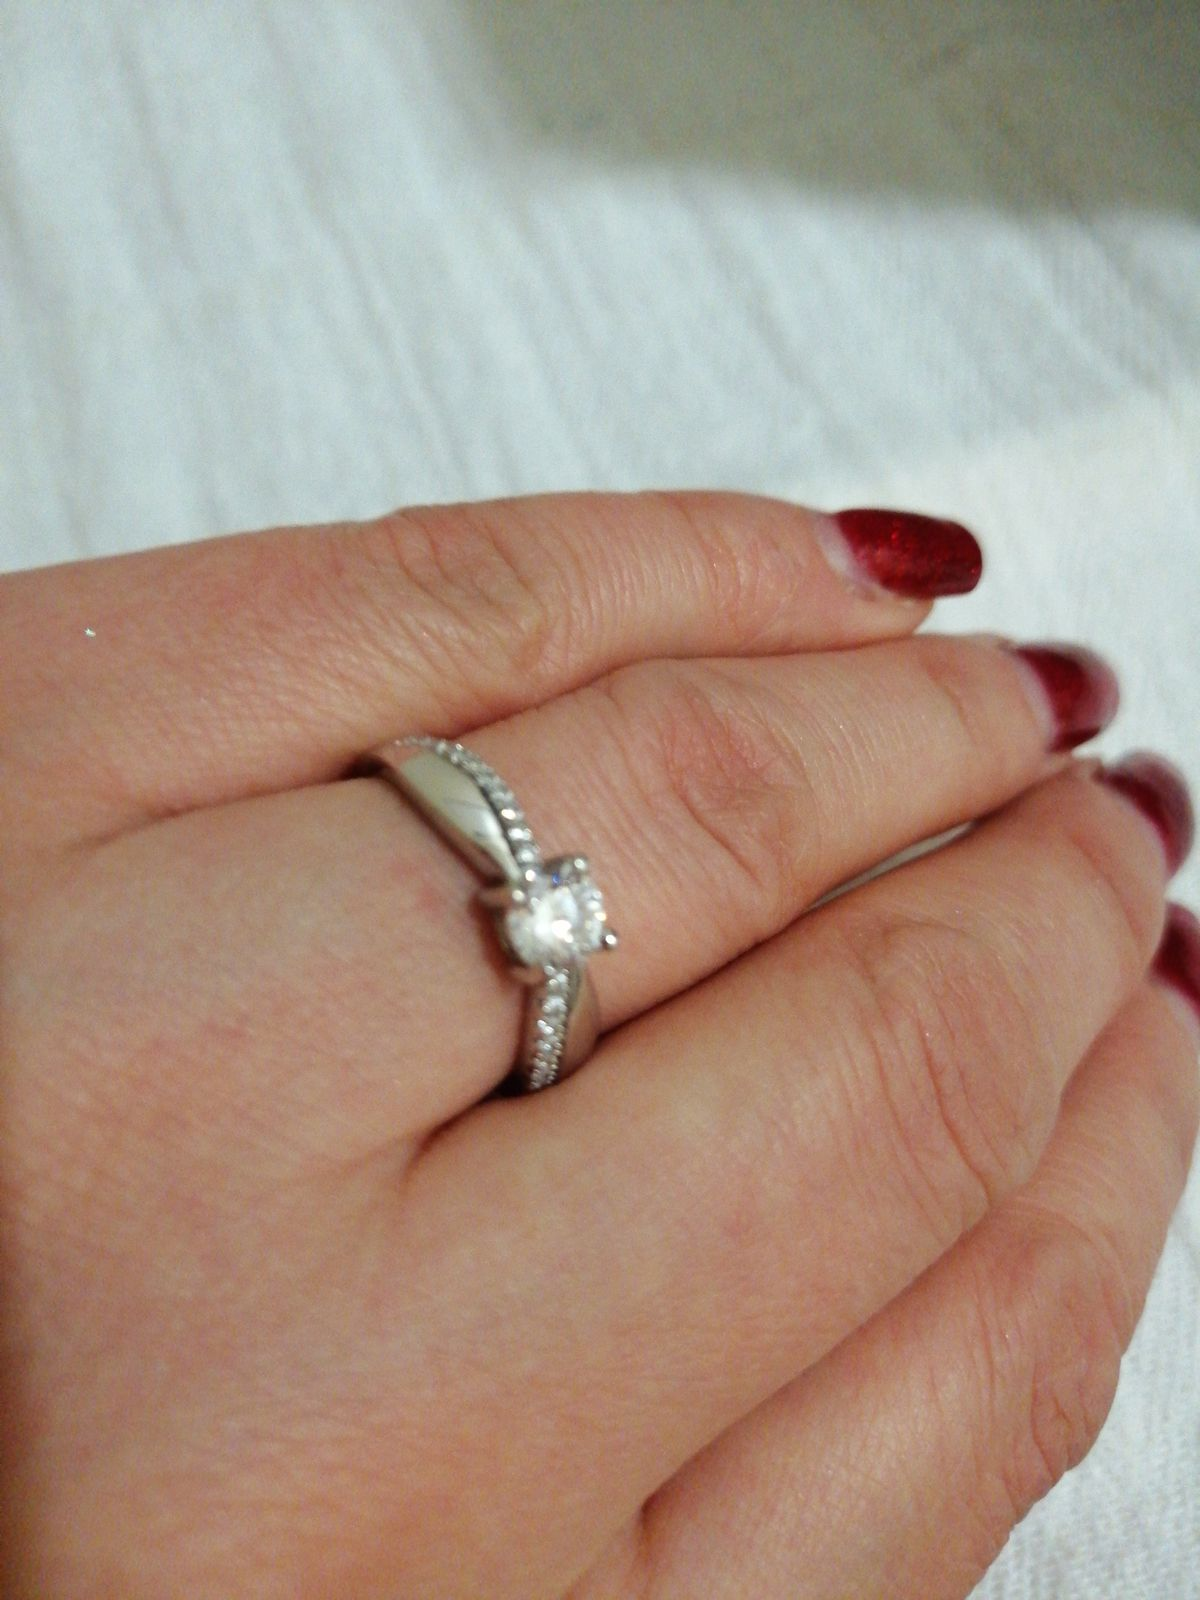 Очень красиво кольцо. Вечная классика, нежное.